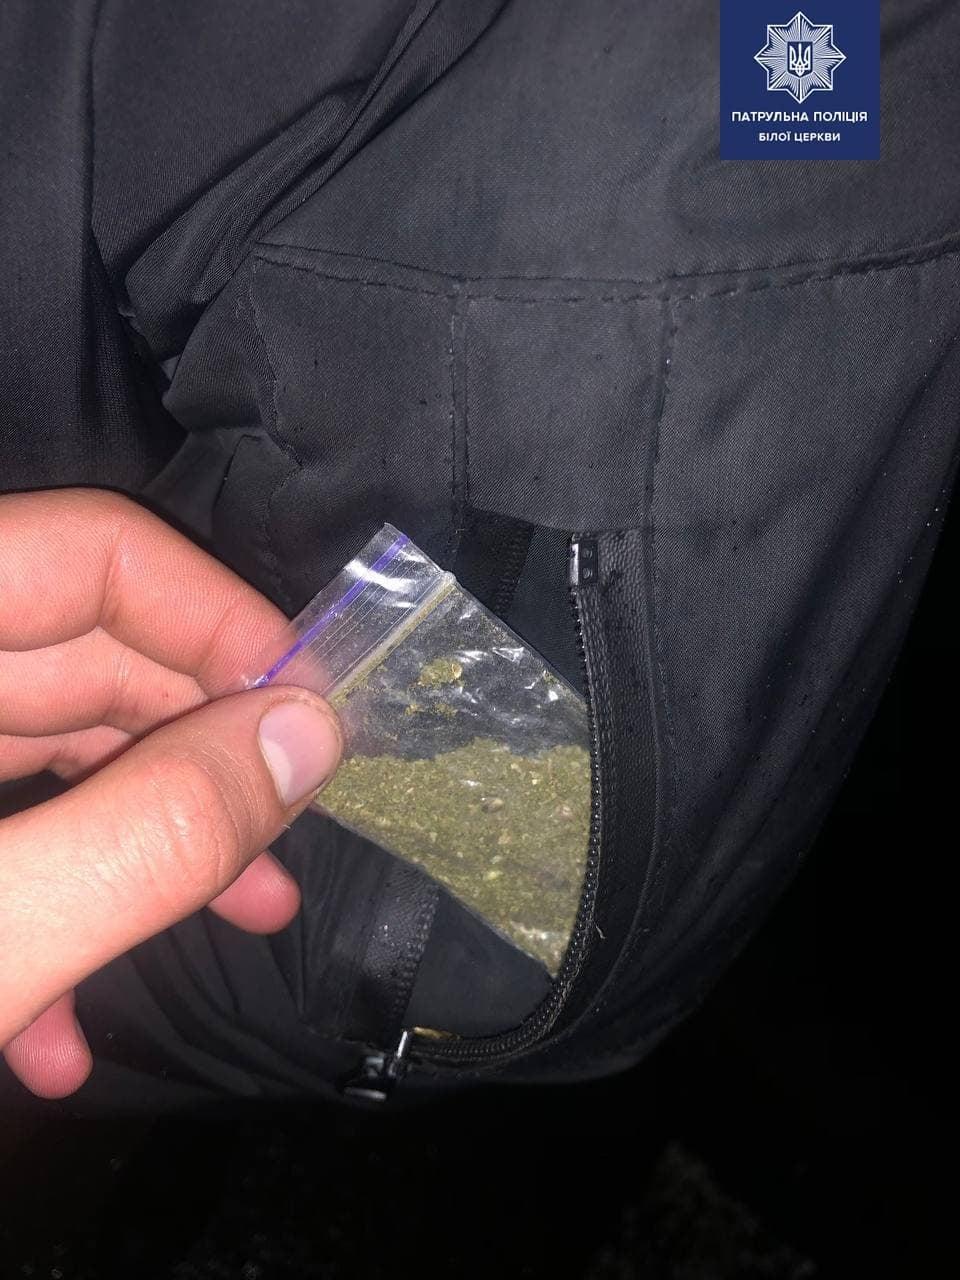 У Білій Церкві патруль виявив наркотичні речовини у двох громадян - Патрульна поліція Білої Церкви, Наркотичні речовини, наркотики, канабіс - 142417364 1895808497252868 6050500738528030334 o